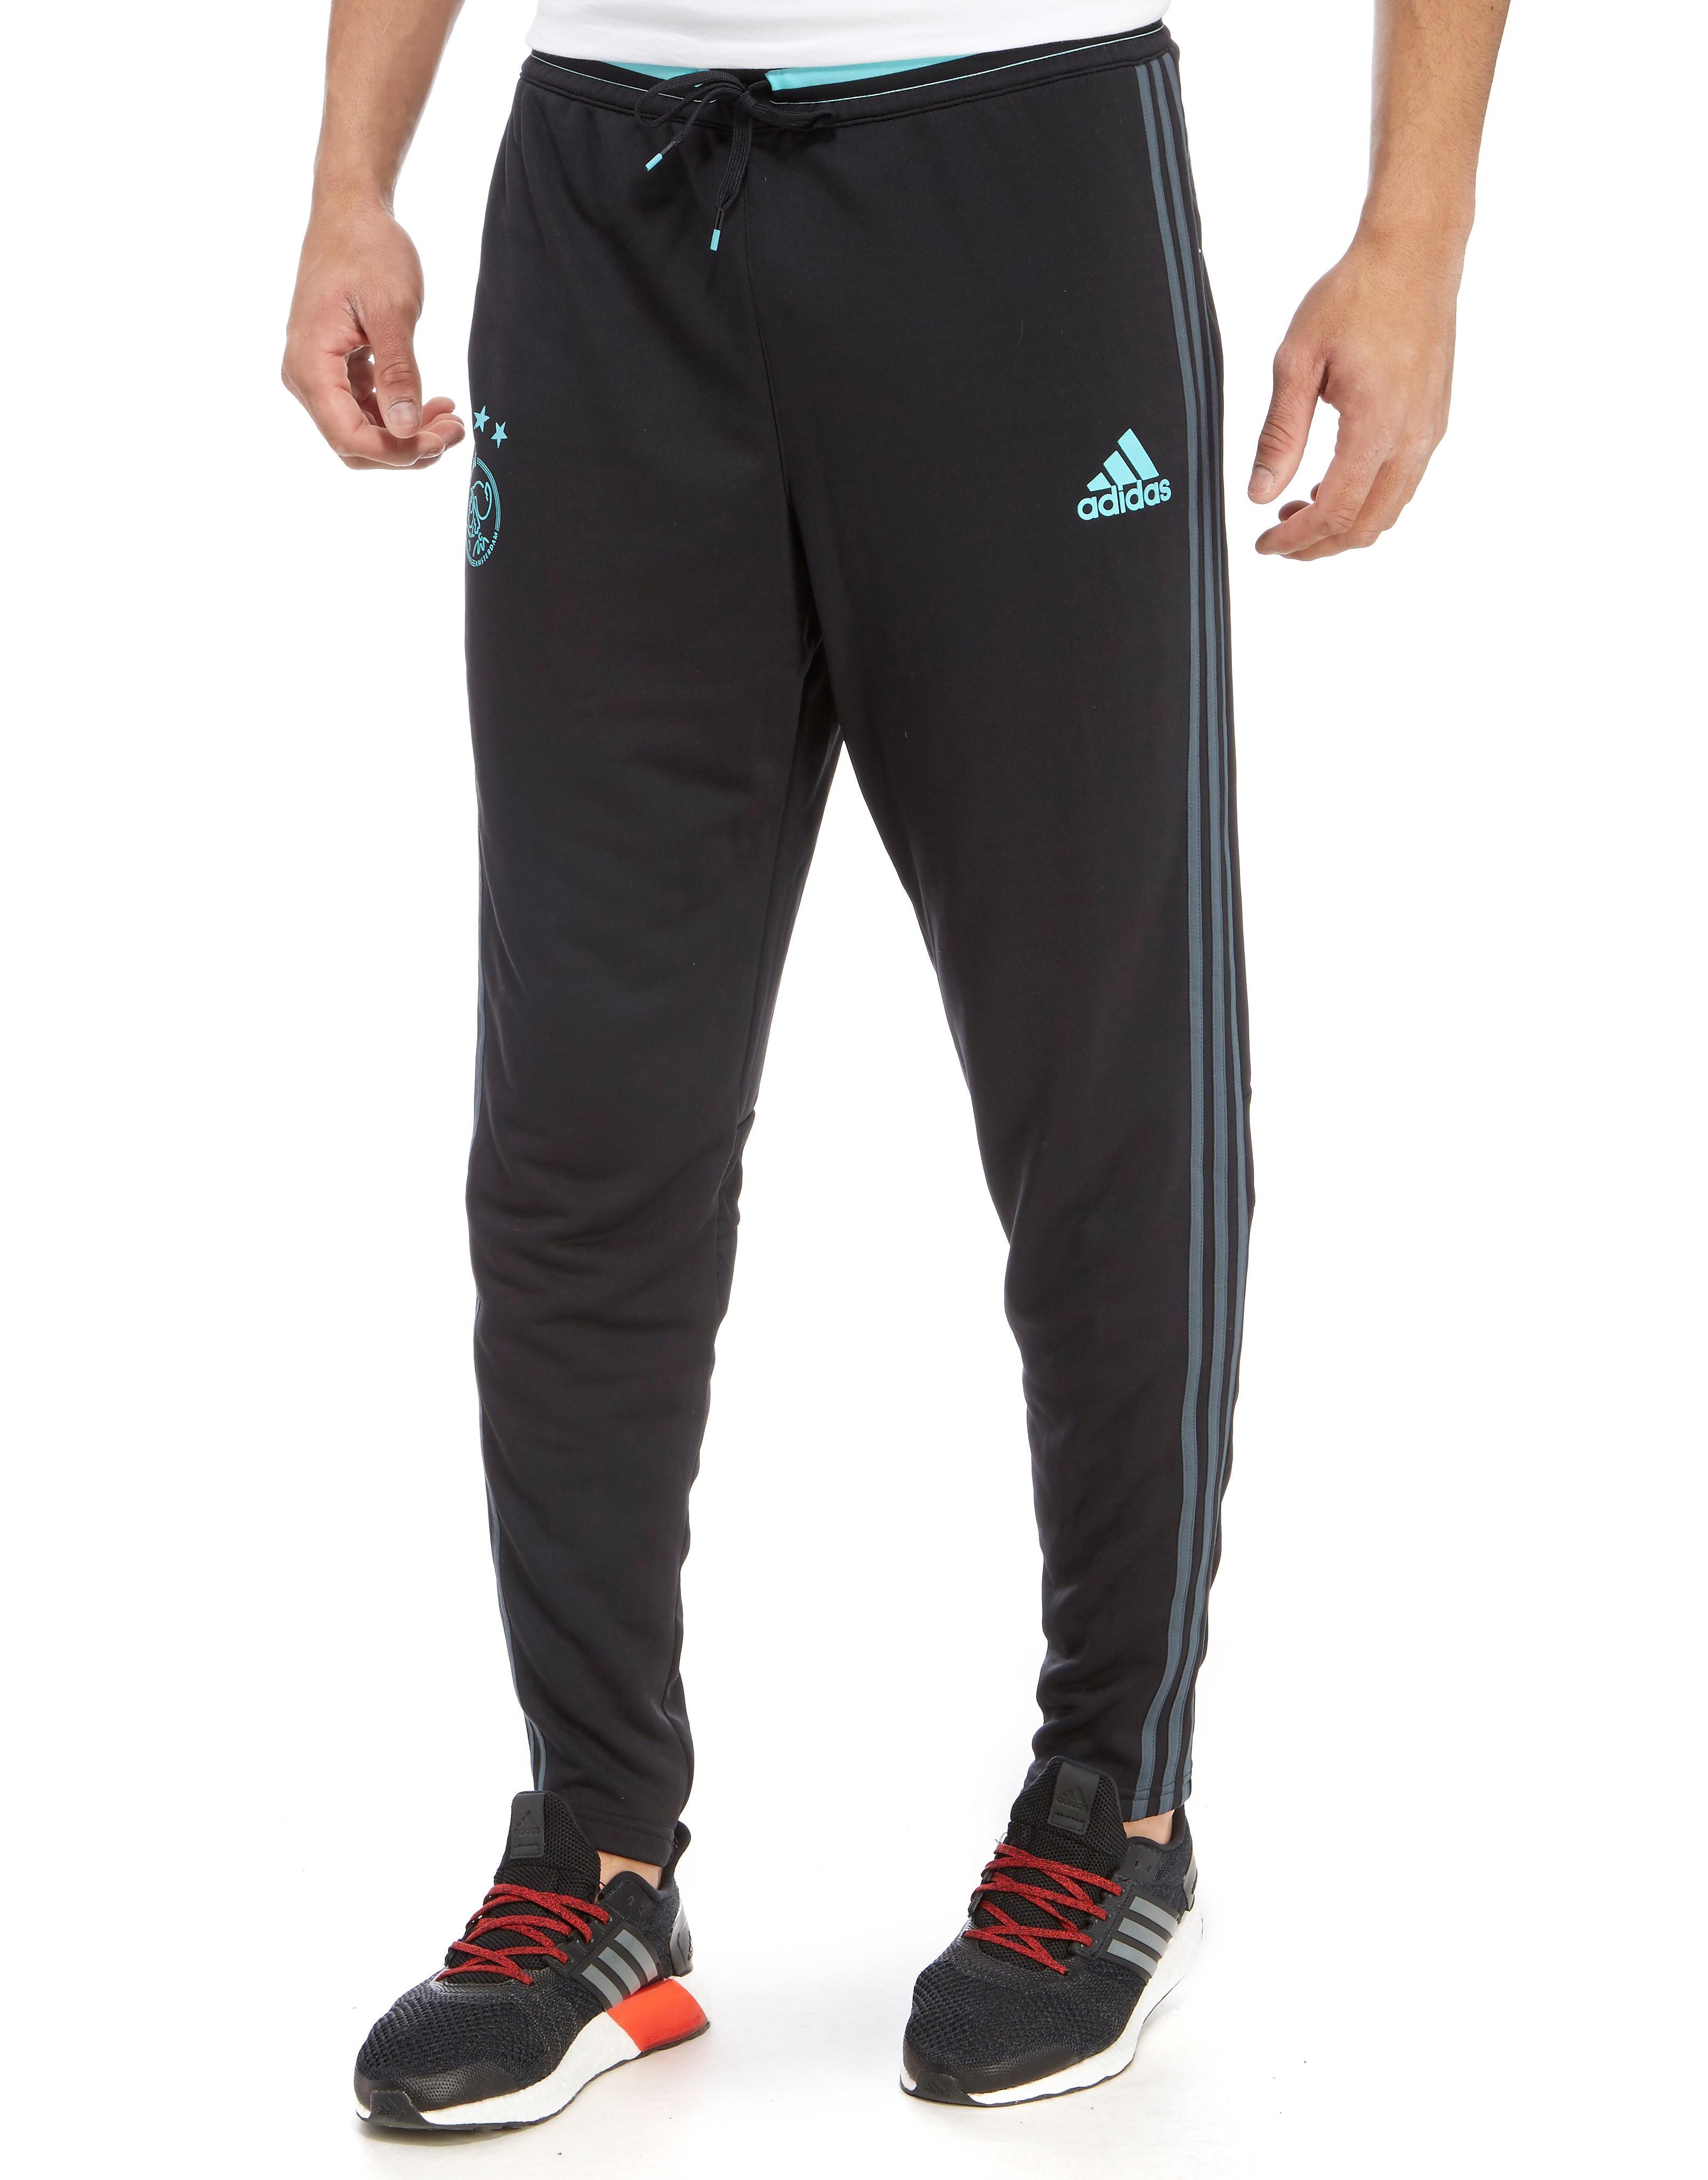 adidas Ajax 2016/17 Training Pants